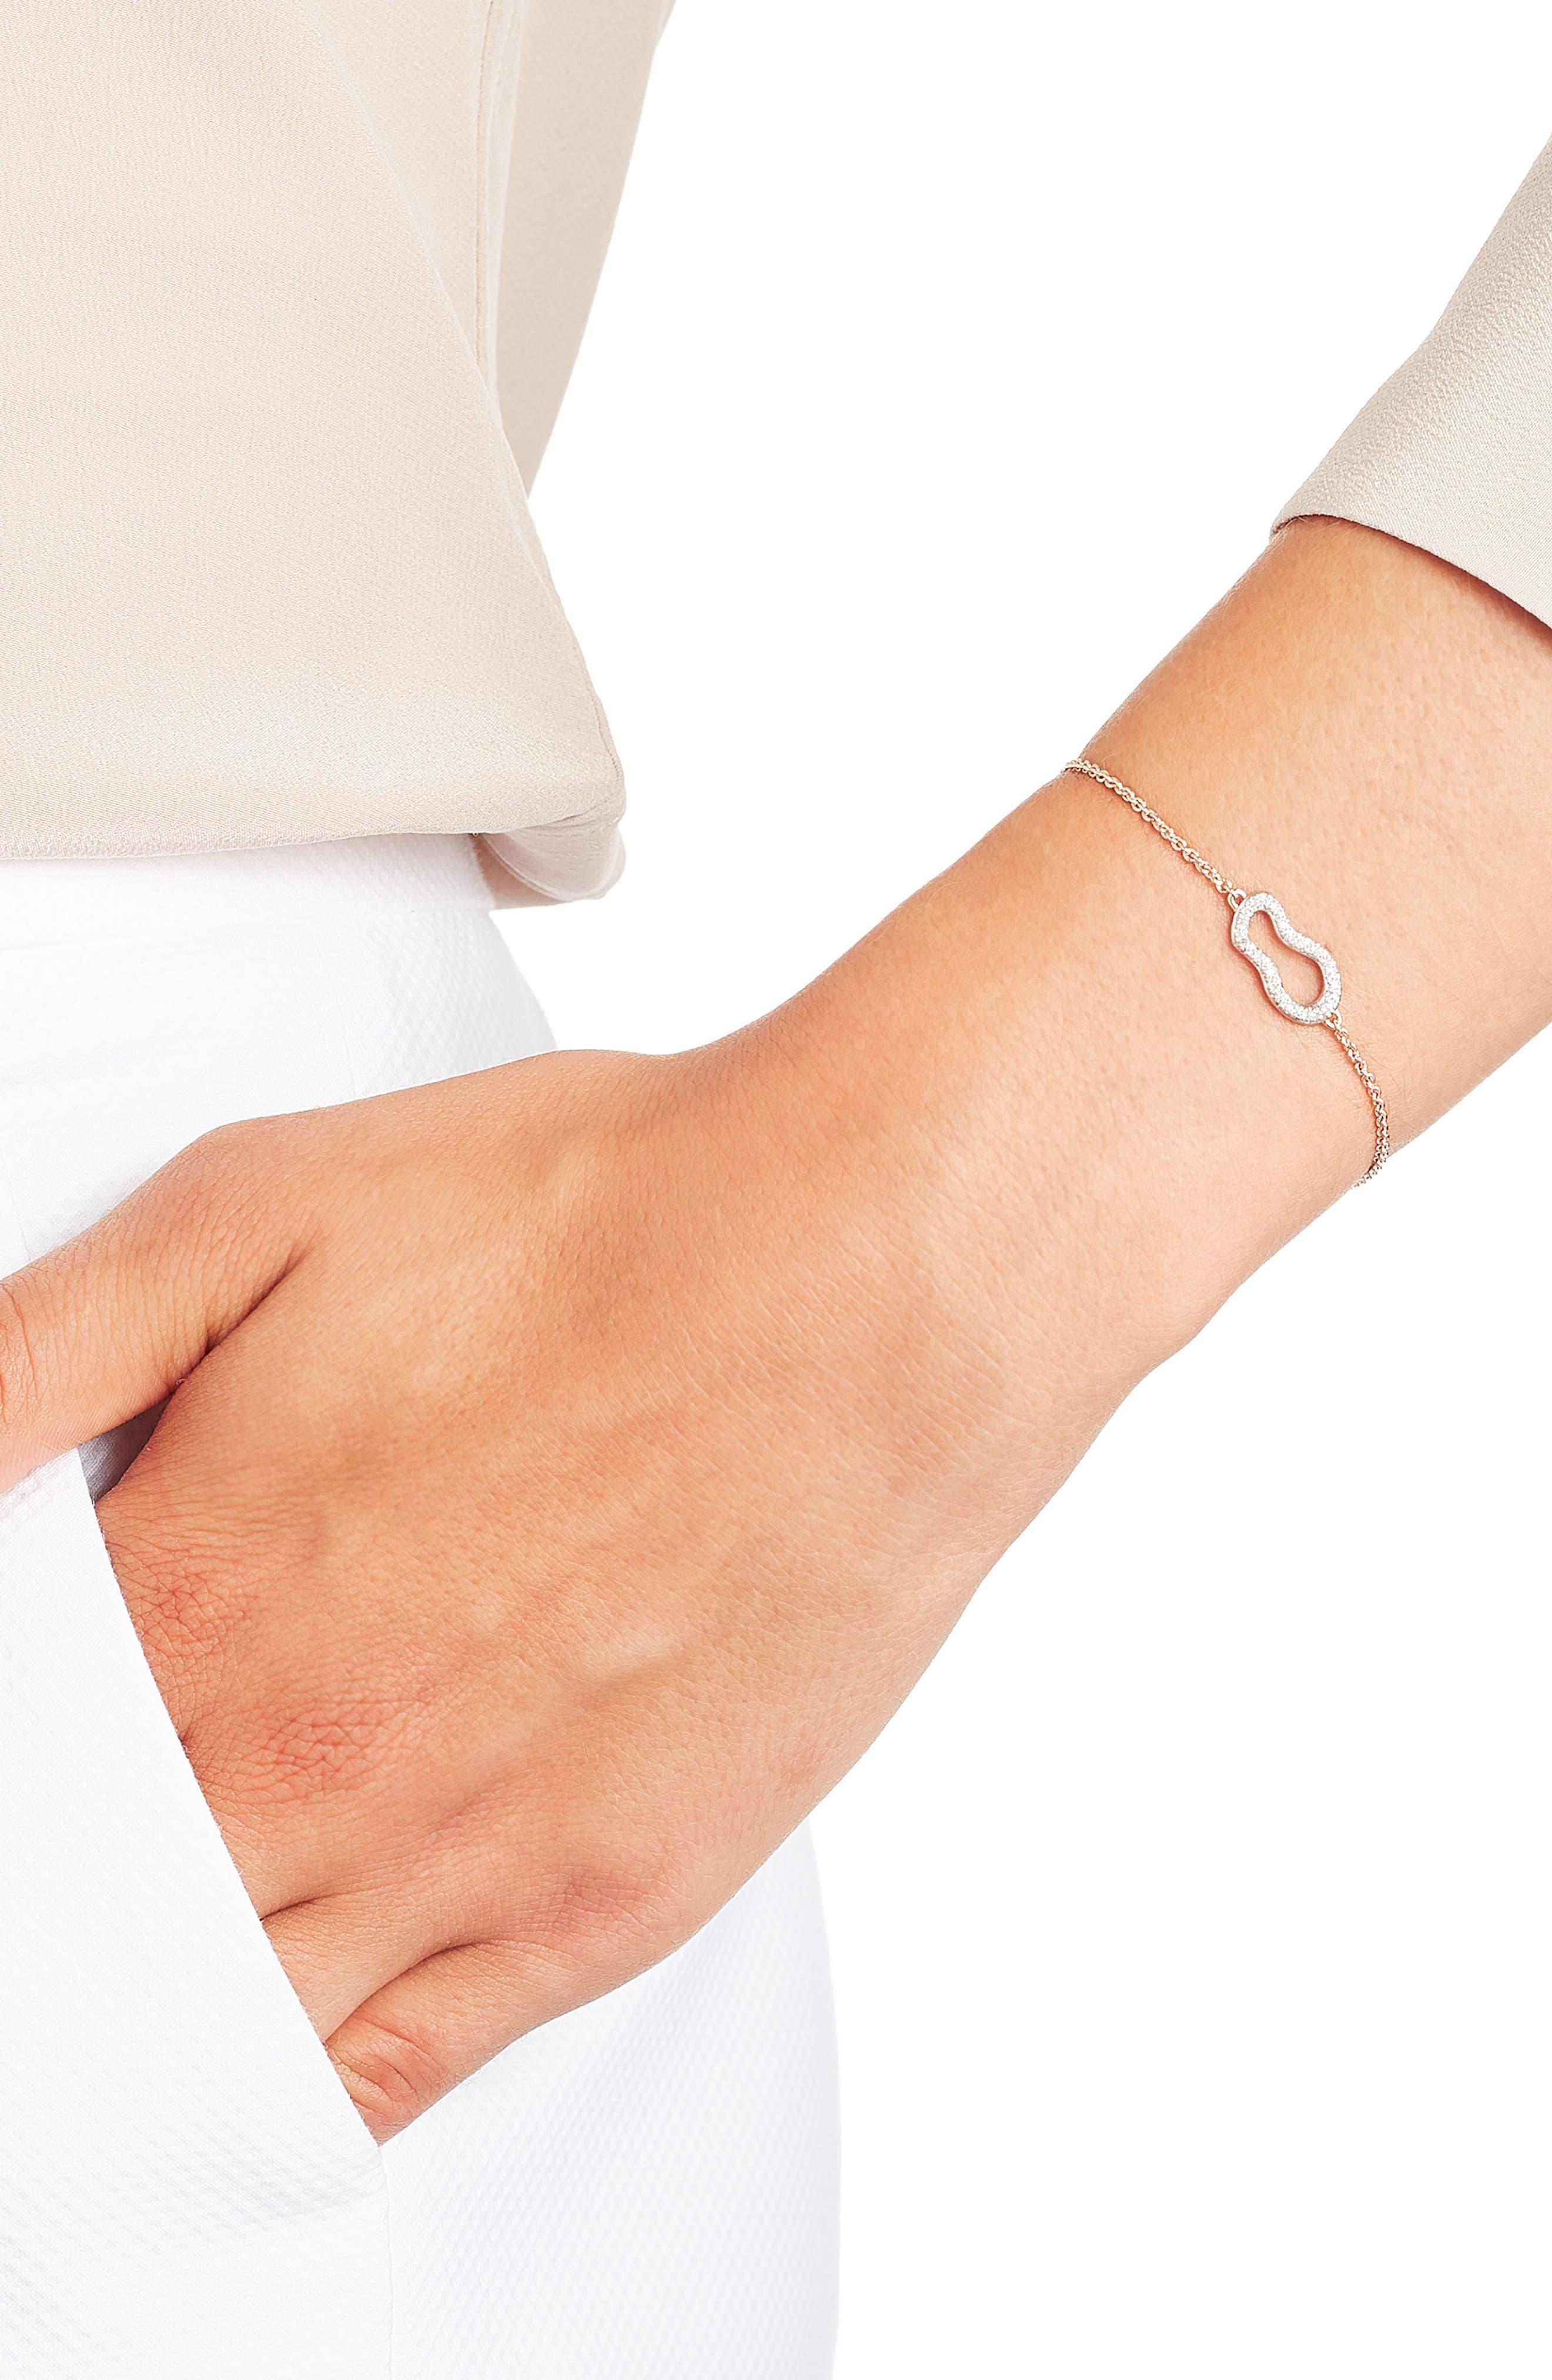 Riva Diamond Bracelet,                             Alternate thumbnail 3, color,                             ROSE GOLD/ DIAMOND